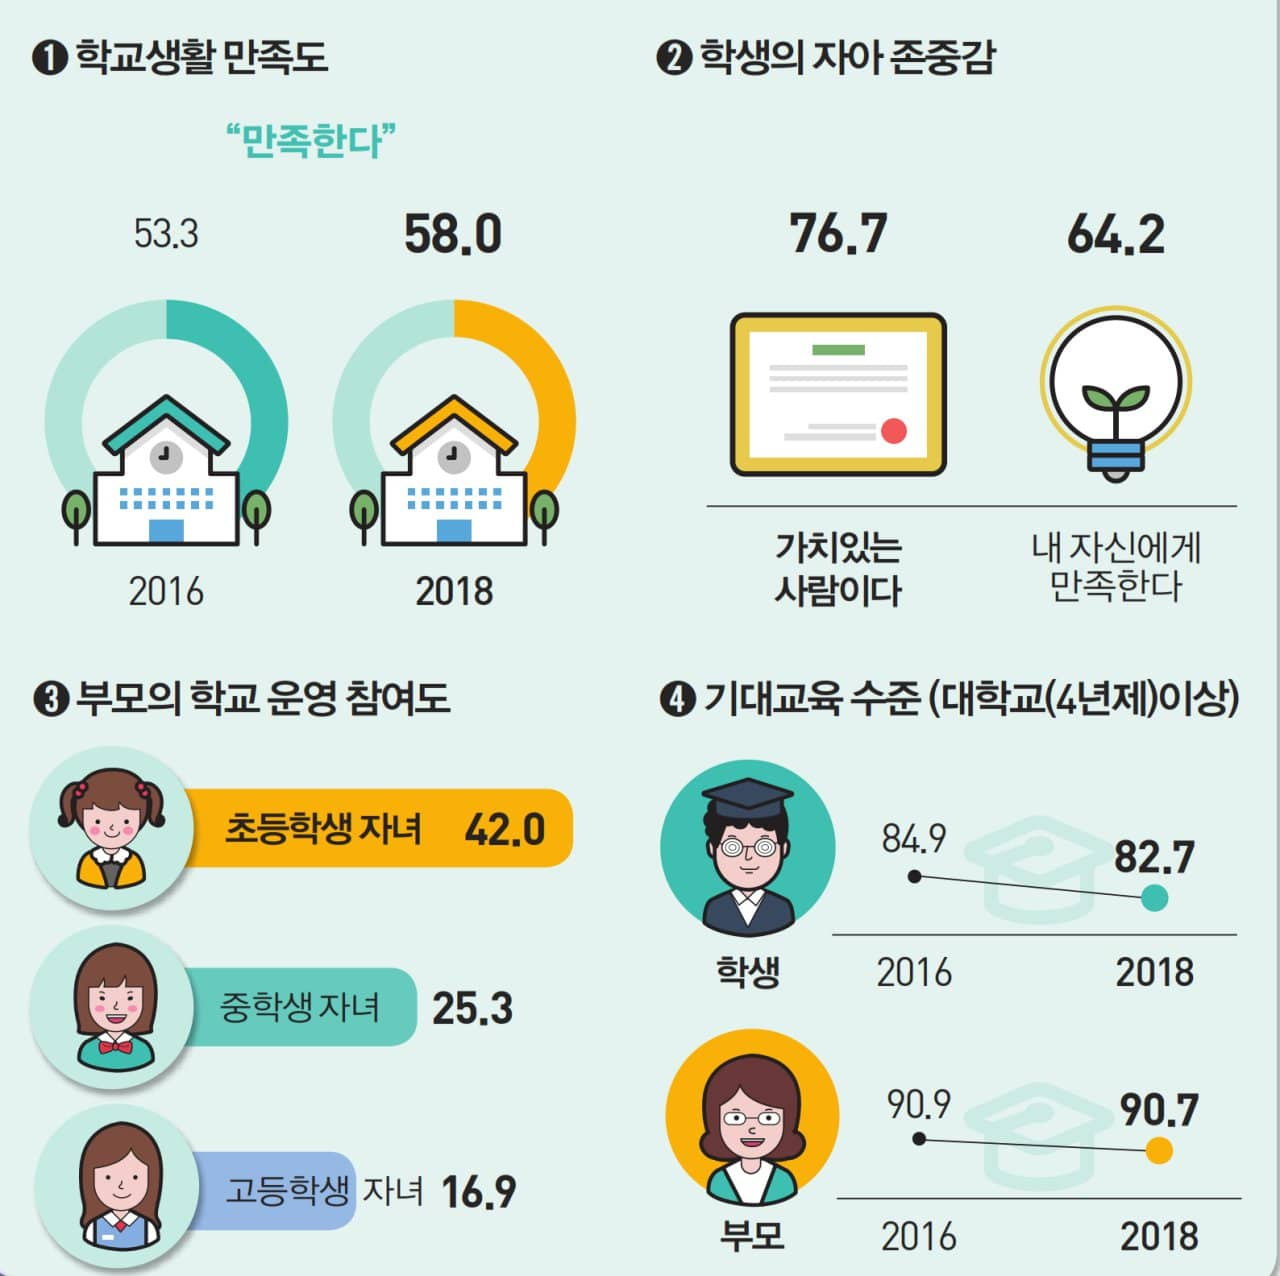 2018년 사회조사 결과 주요 트렌드 인포그래픽_교육 관련